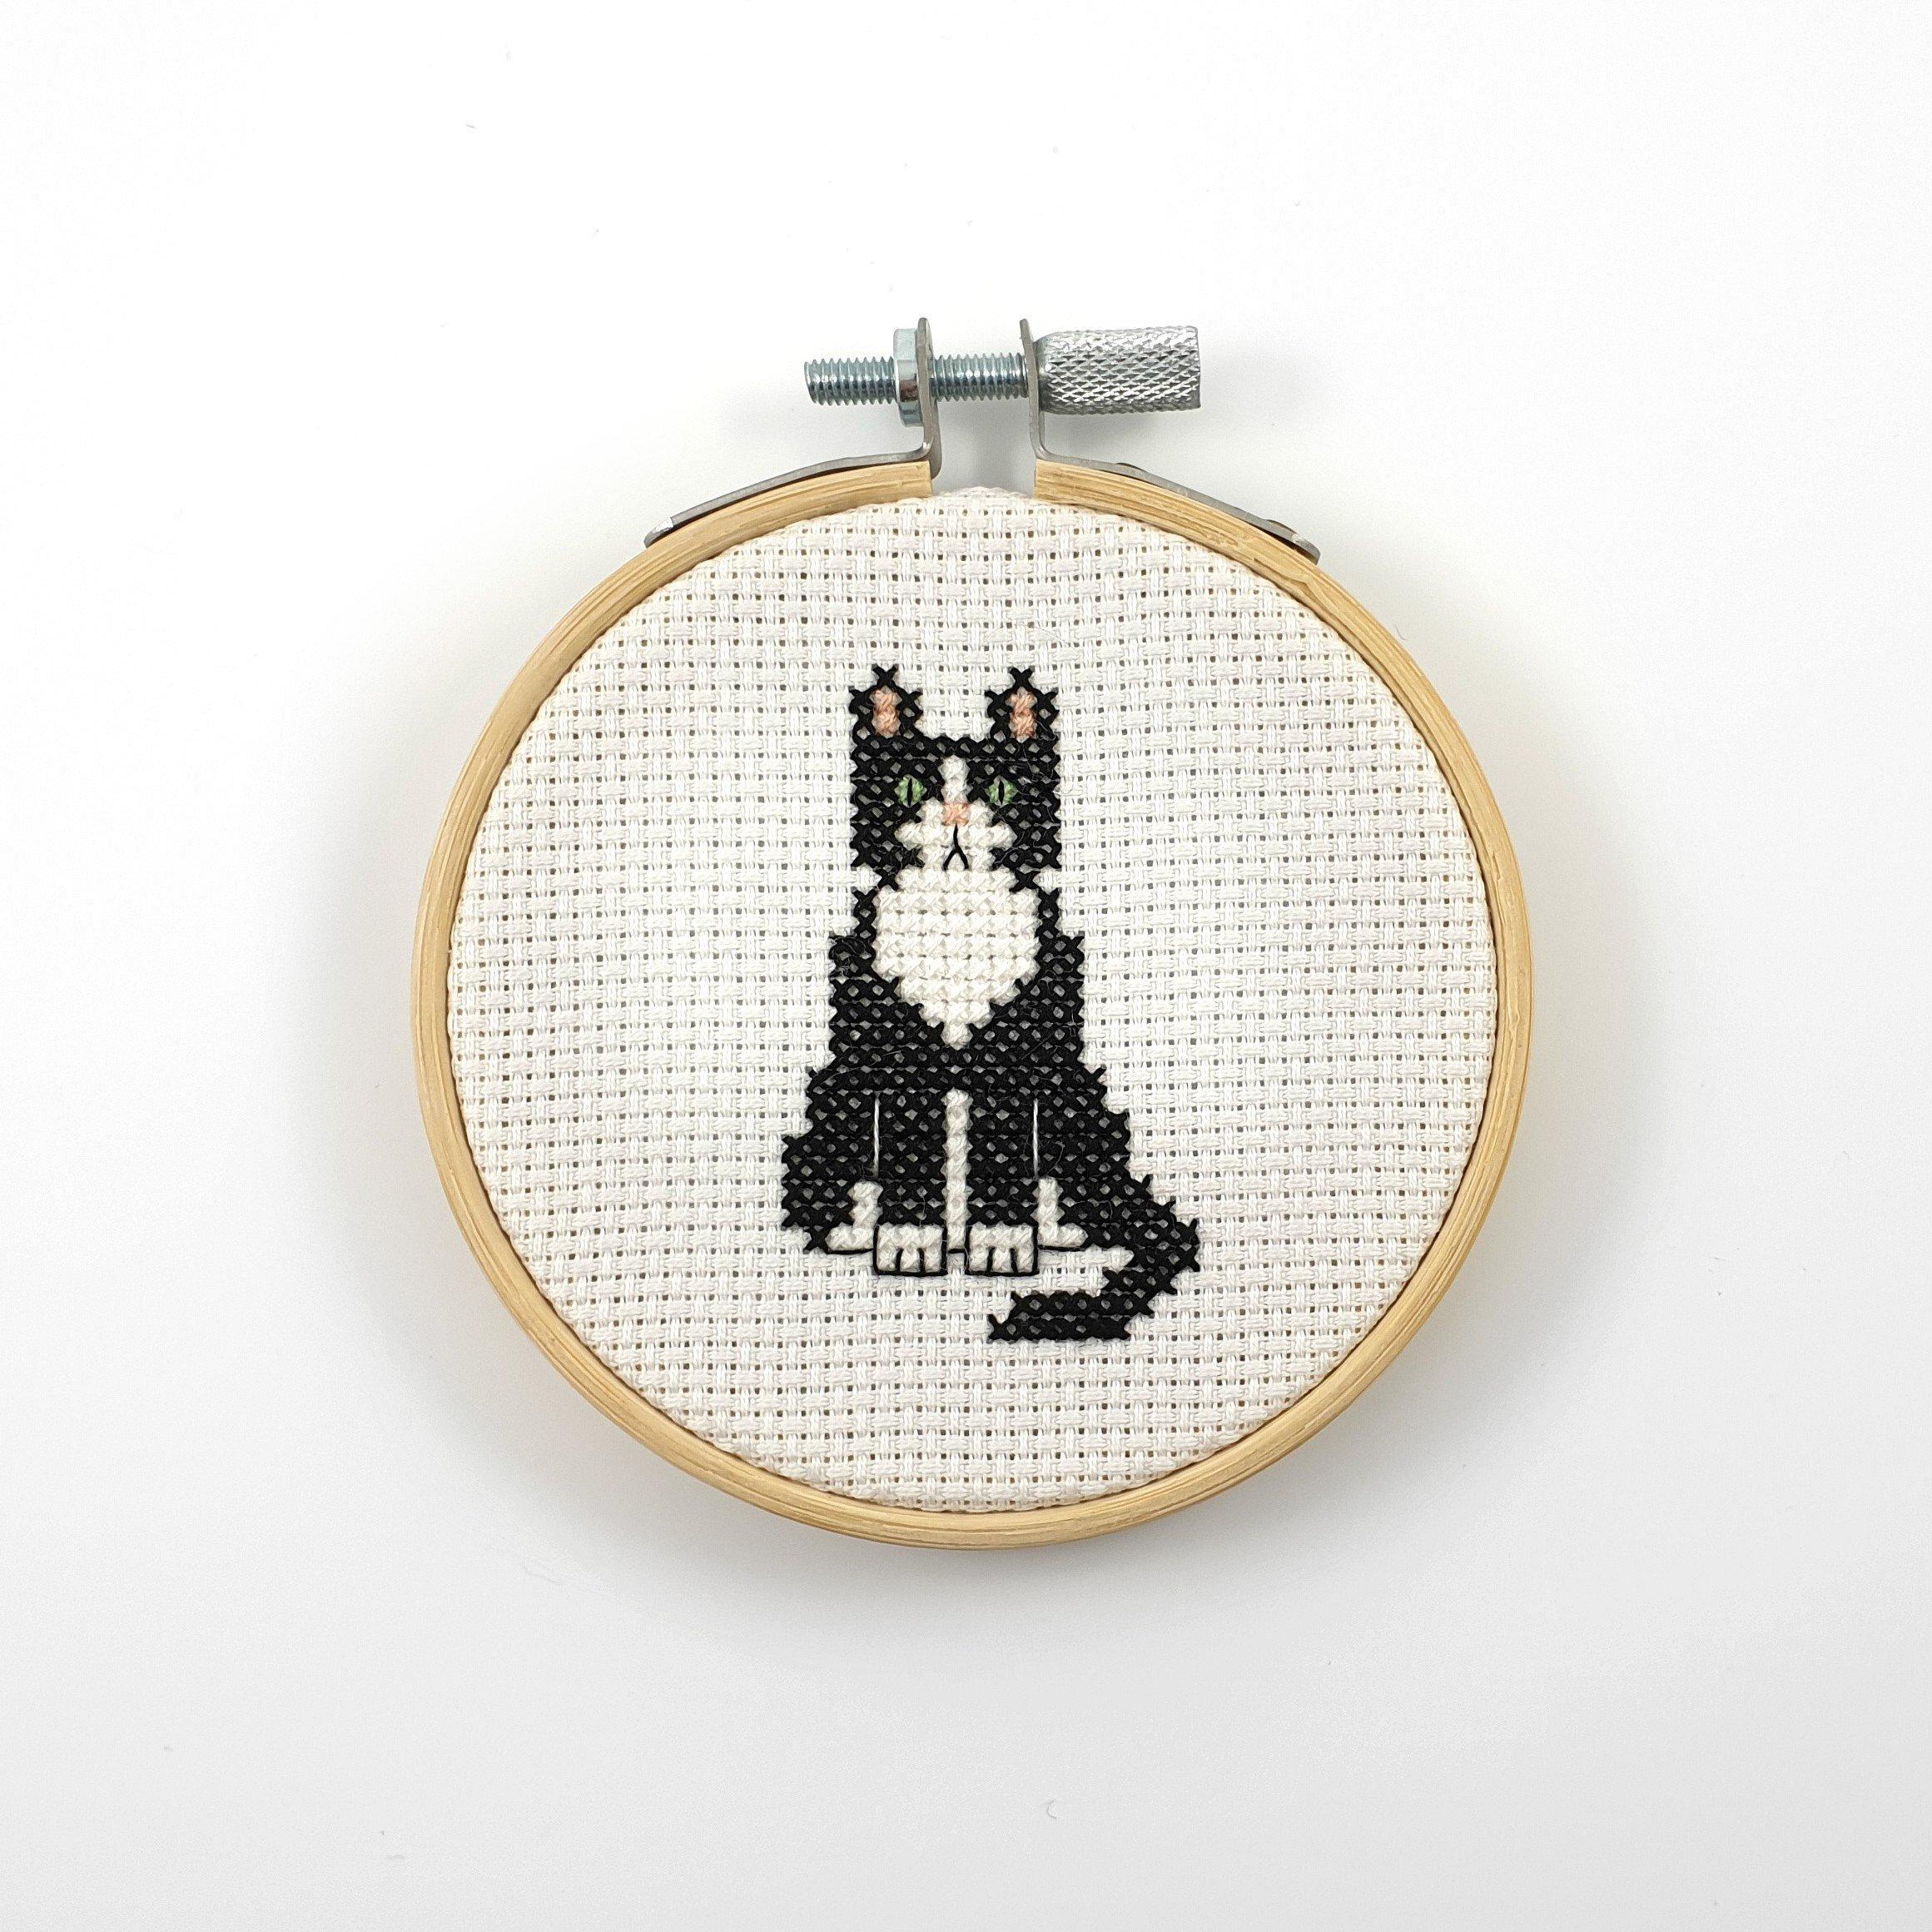 Dog cross stitch pattern Wall decor Wall art Cat cross stitch pattern